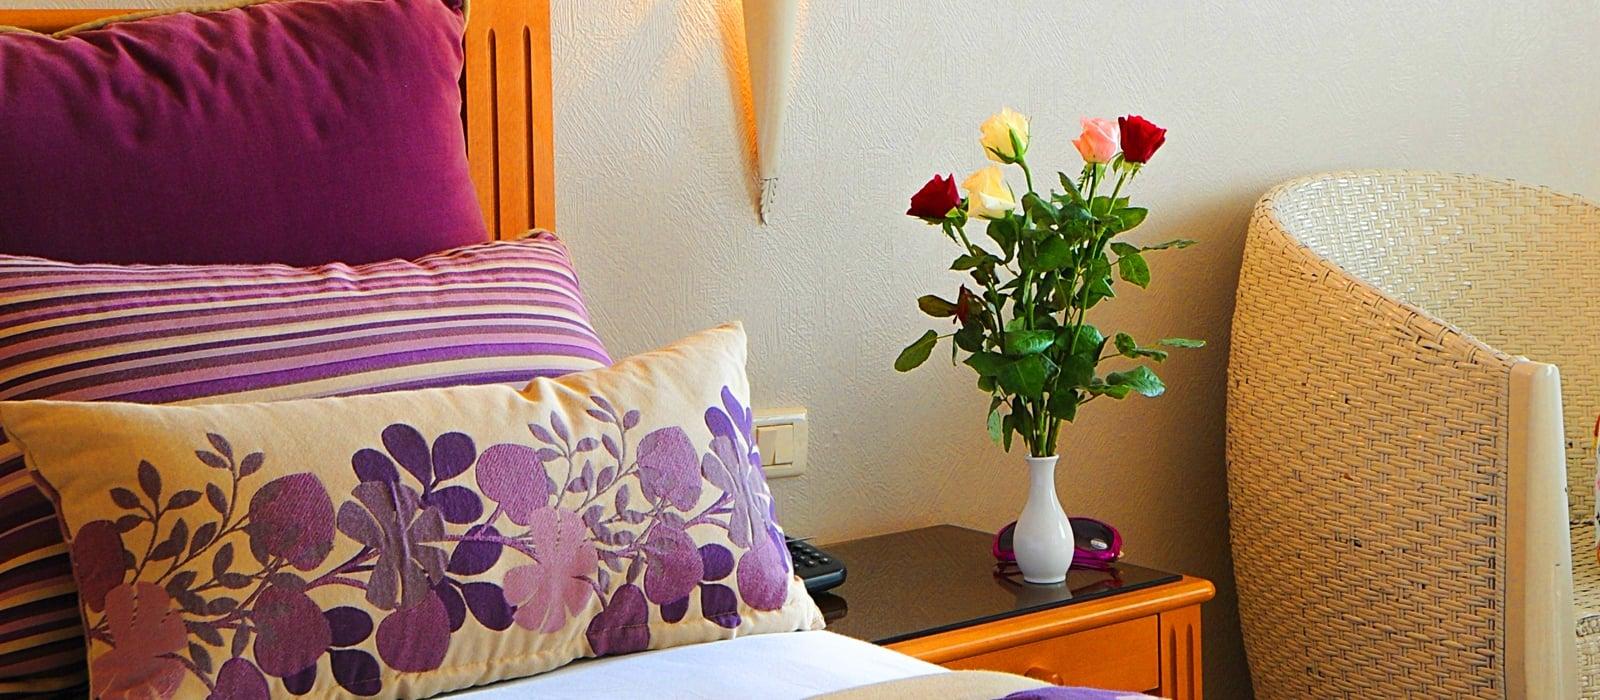 Suite Prestiges. Übernachtung im Hotel Vincci Djerba in Tunesien